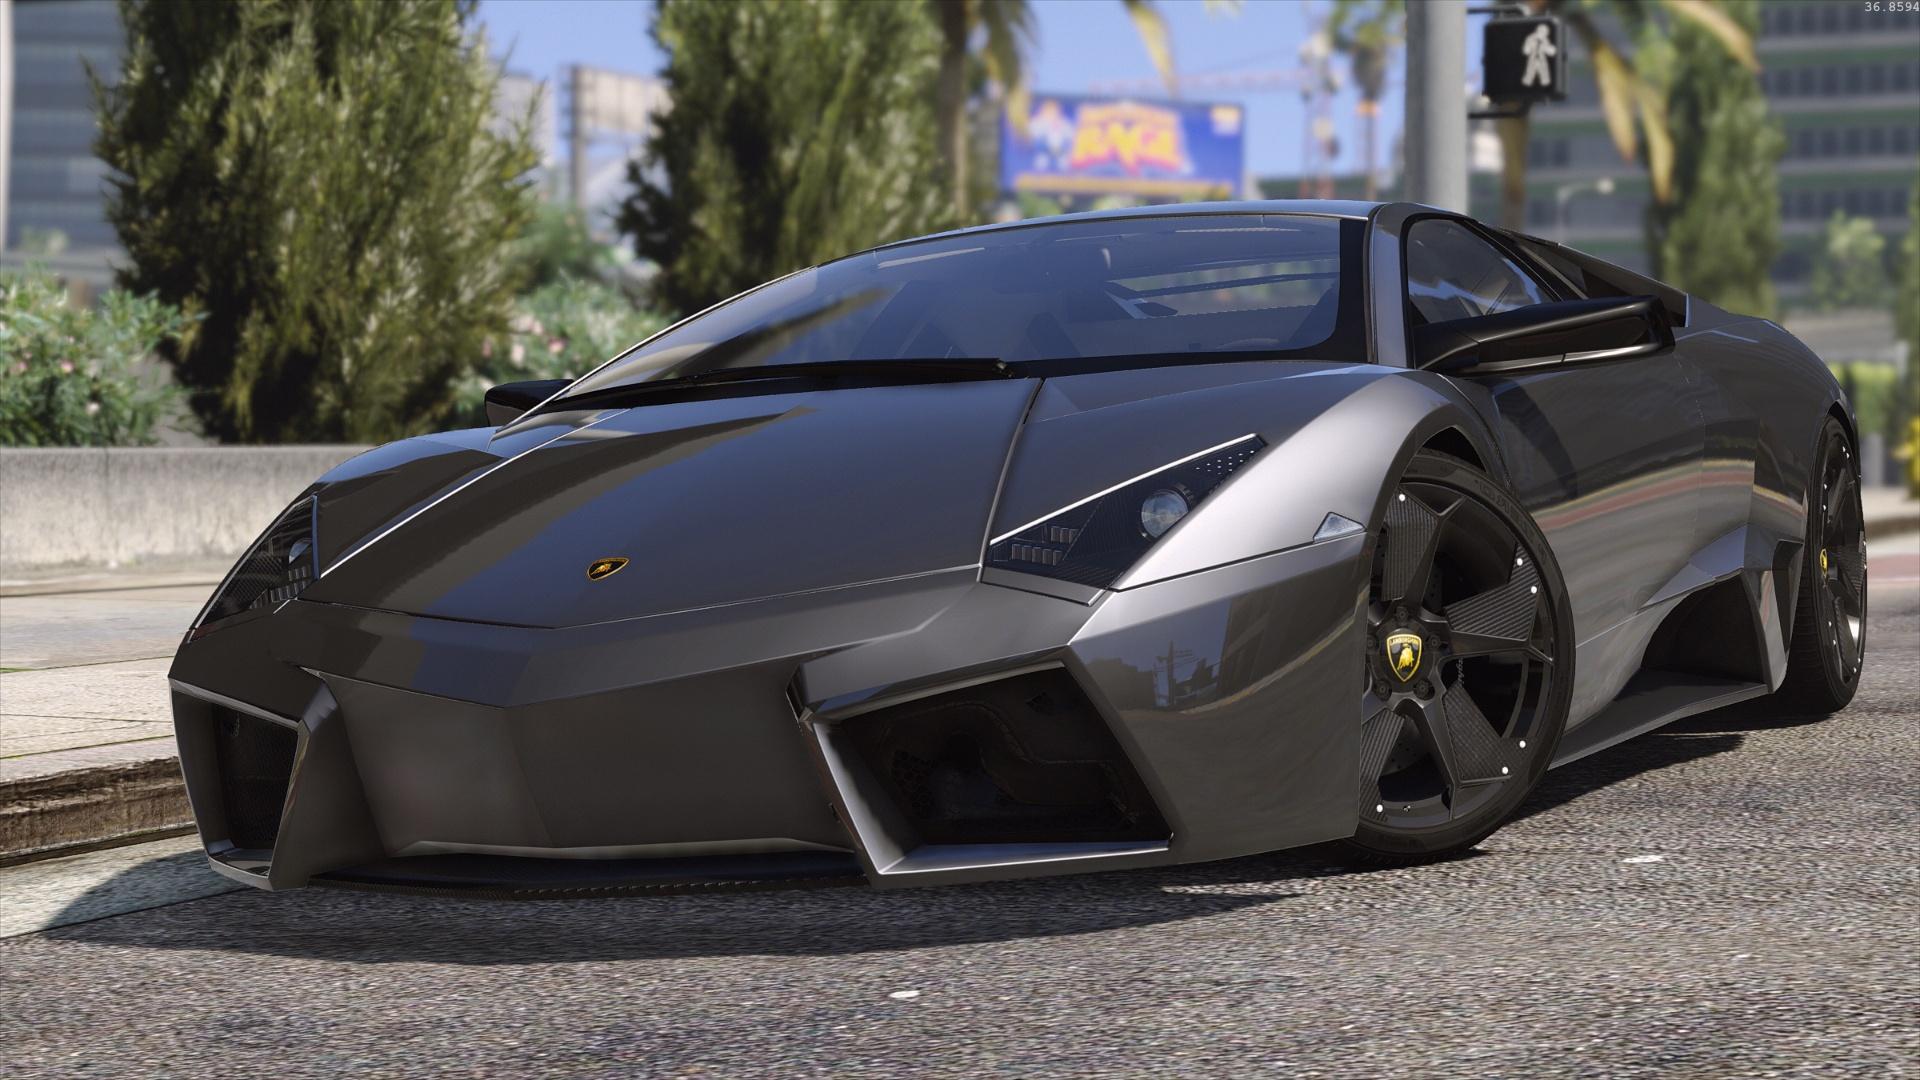 Gta 5 Car Wallpaper Lamborghini Reventon A...